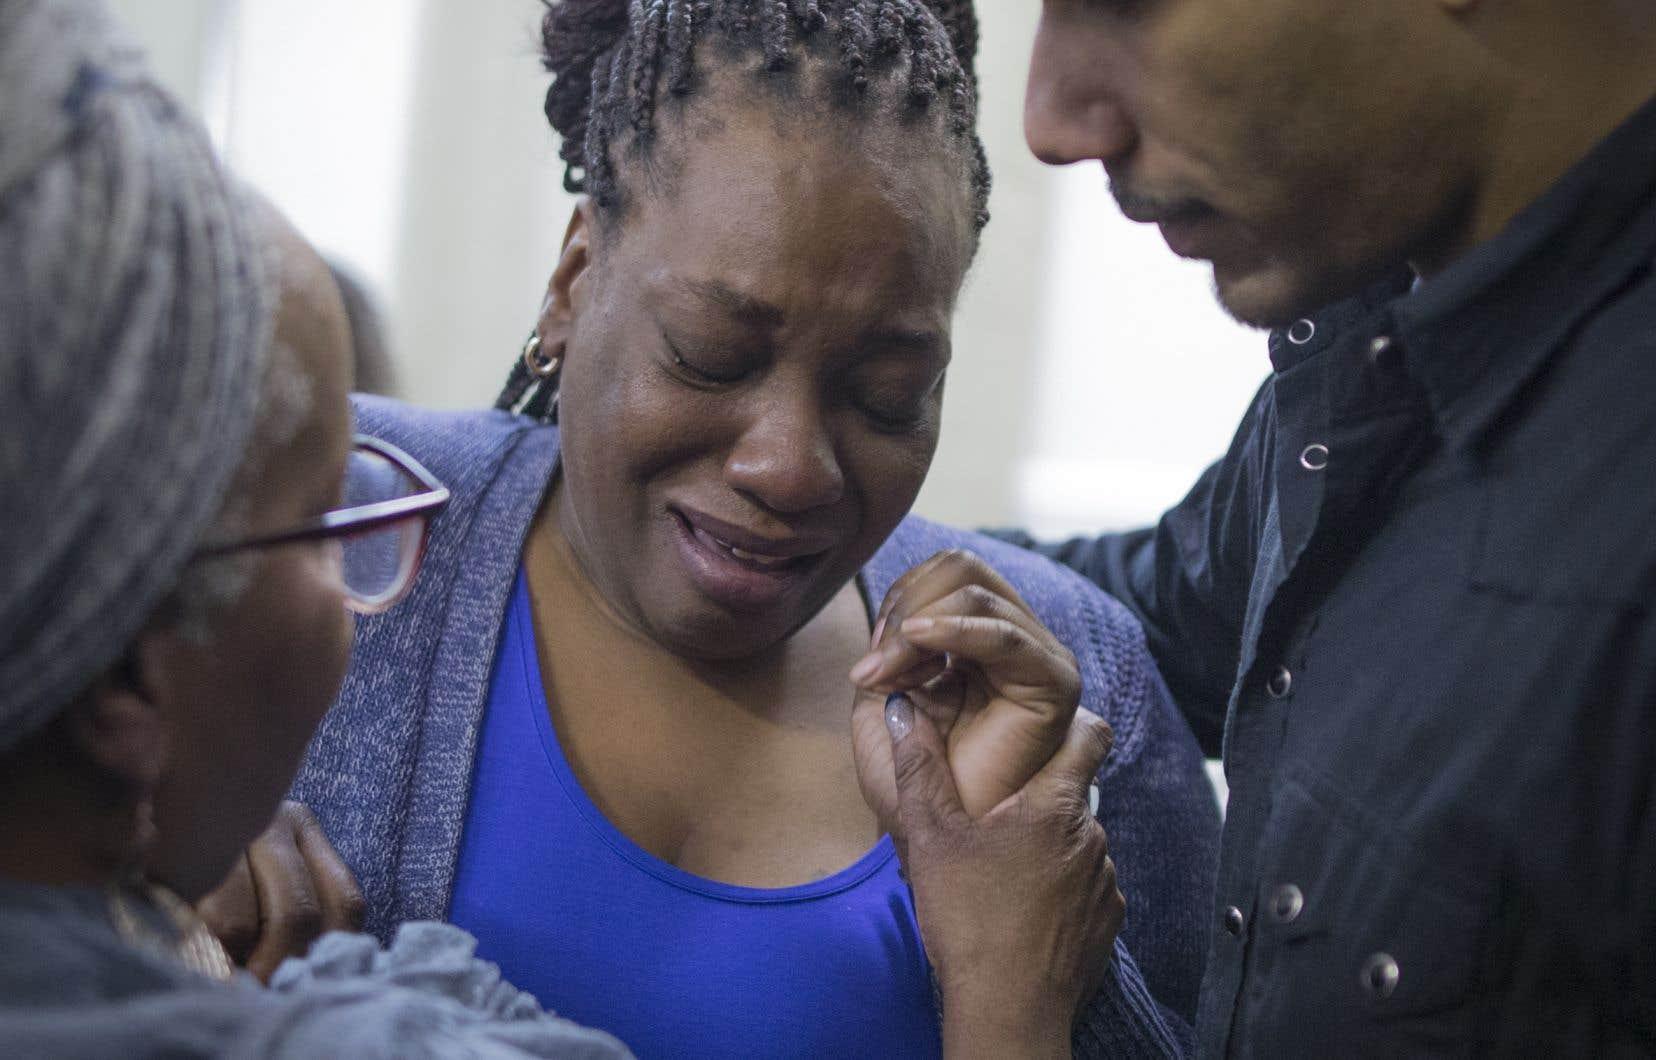 Selon sa famille, Pierre Coriolan était en détresse psychologique lors de l'intervention policière qui a mené à sa mort.